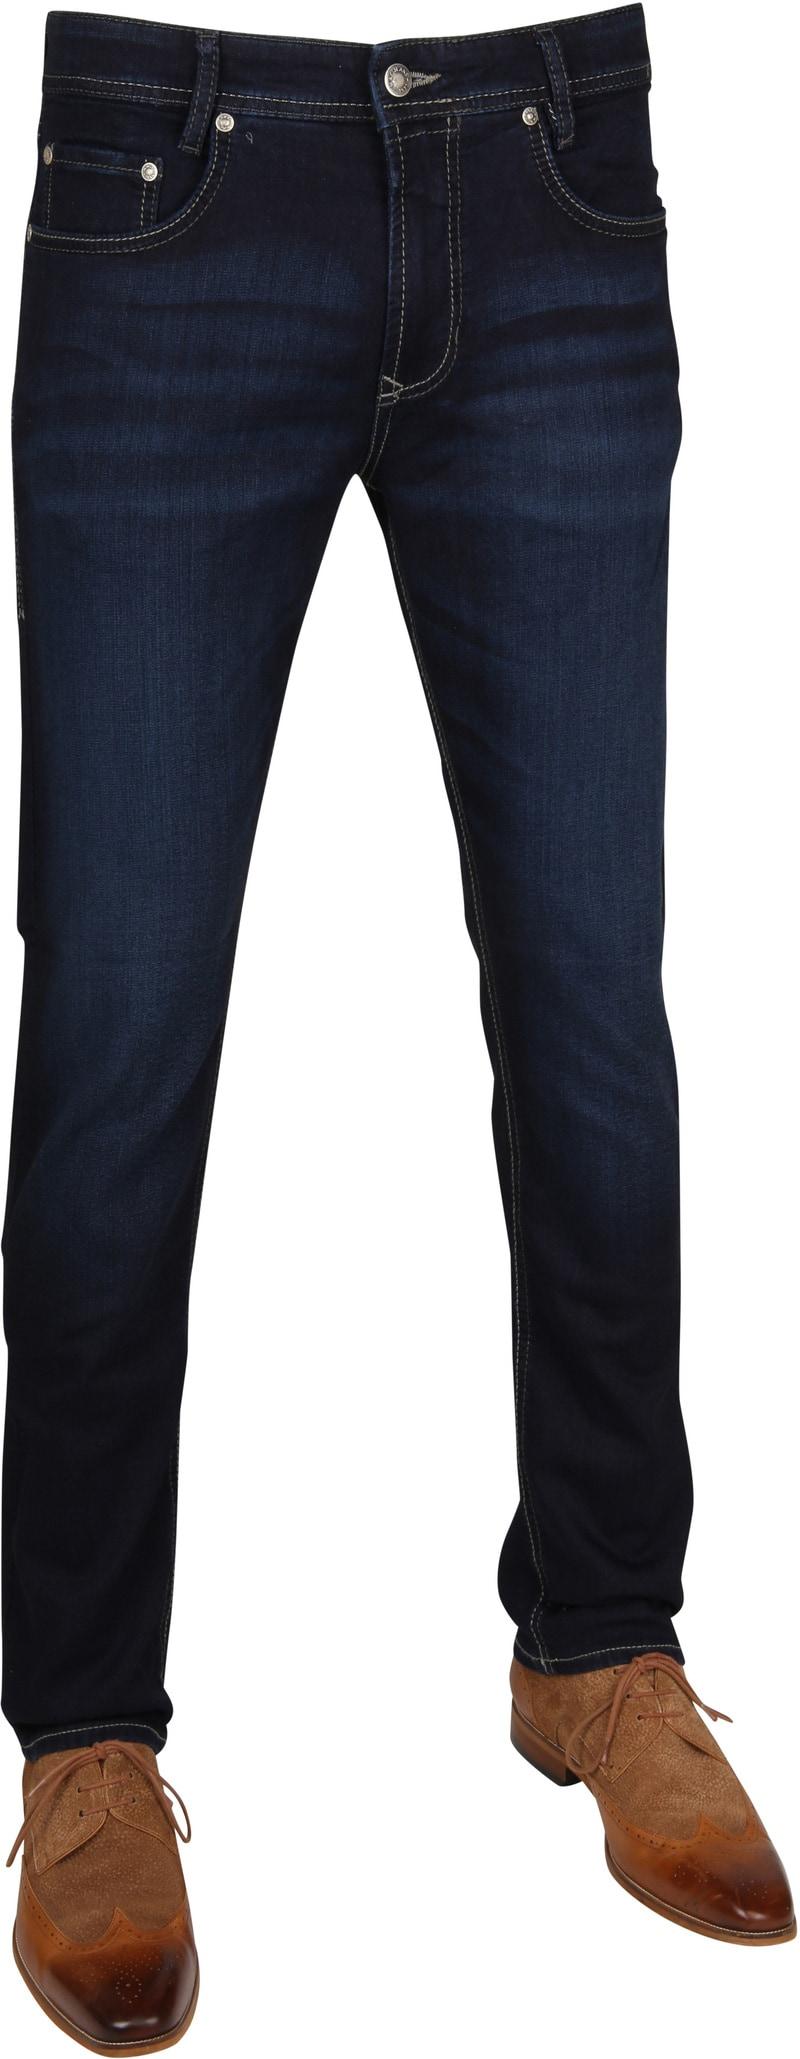 Mac Jog'n Jeans - Donkerblauw maat W 30 - L 32